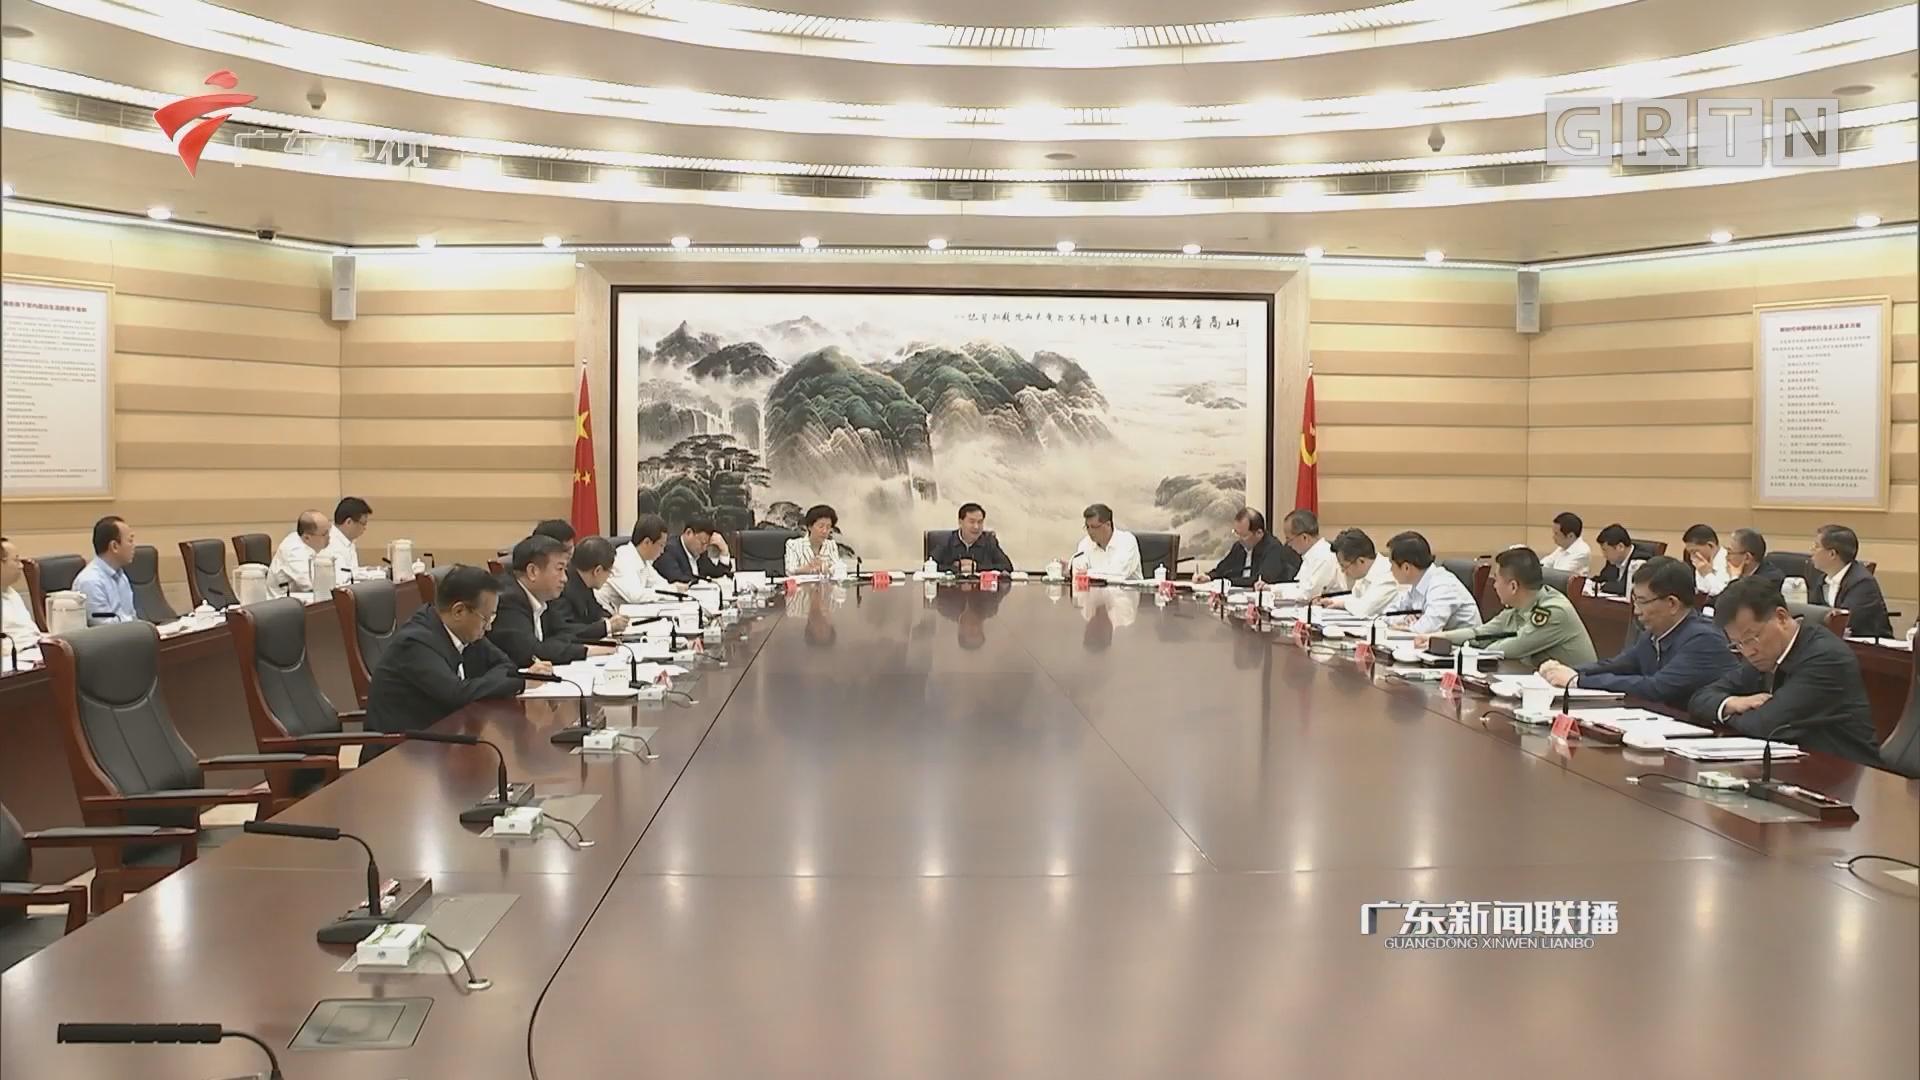 省委常委会召开会议 李希主持会议 传达学习贯彻习近平总书记重要讲话精神